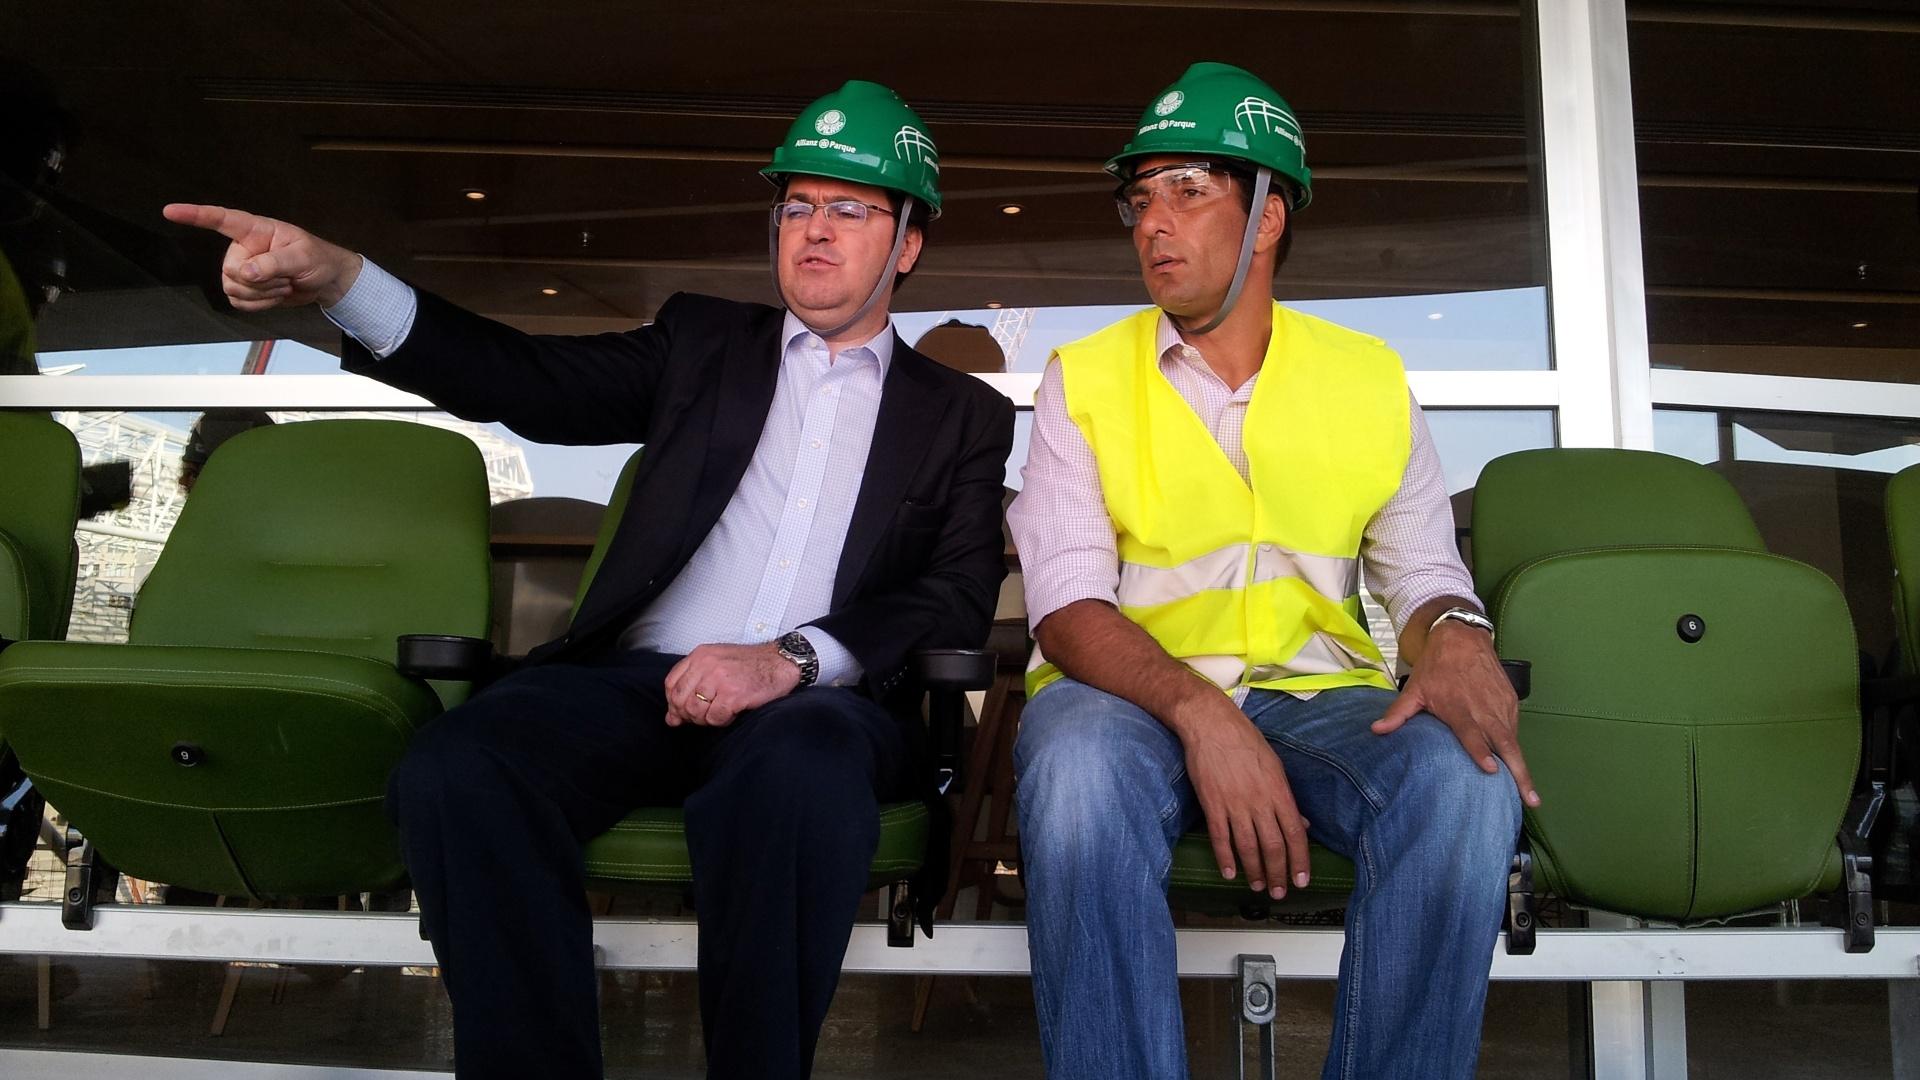 11.09.2013 - Rogério Dezembro (esq.), diretor da WTorre, mostra o novo estádio do Palmeiras a Edmundo